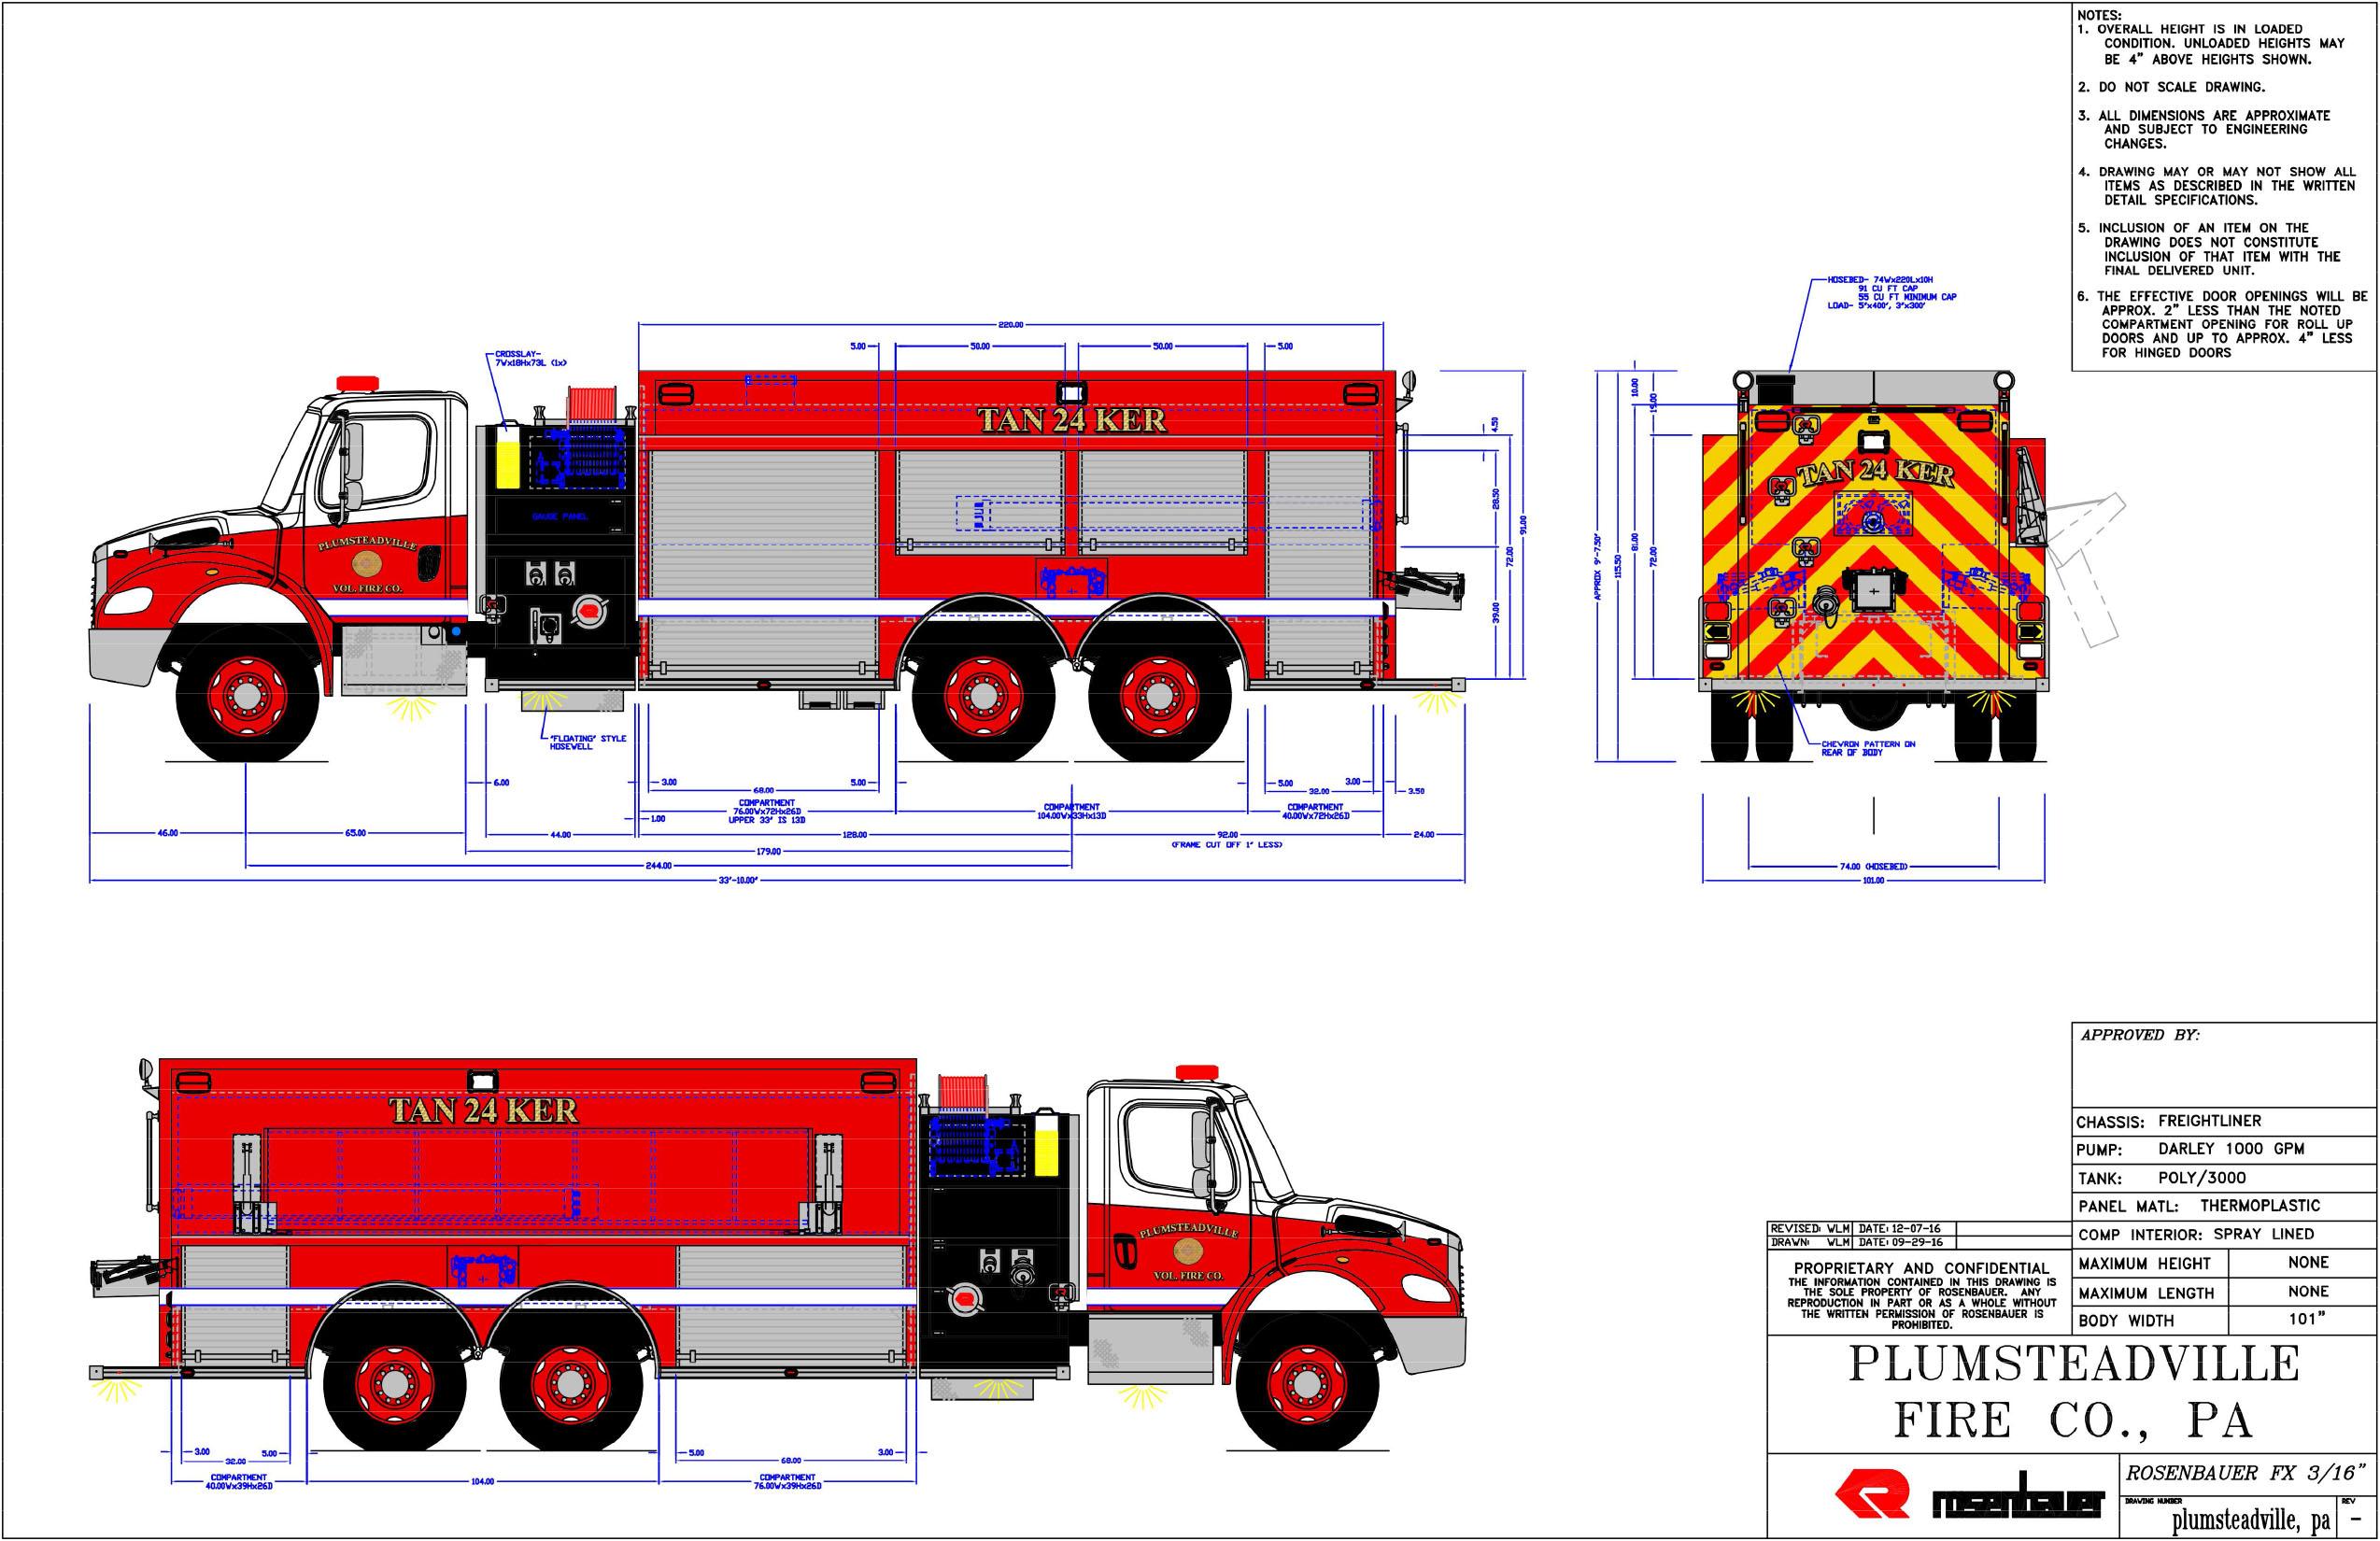 2548x1650 Plumsteadville Vol. Fire Co., Bucks County Horrocks Fire